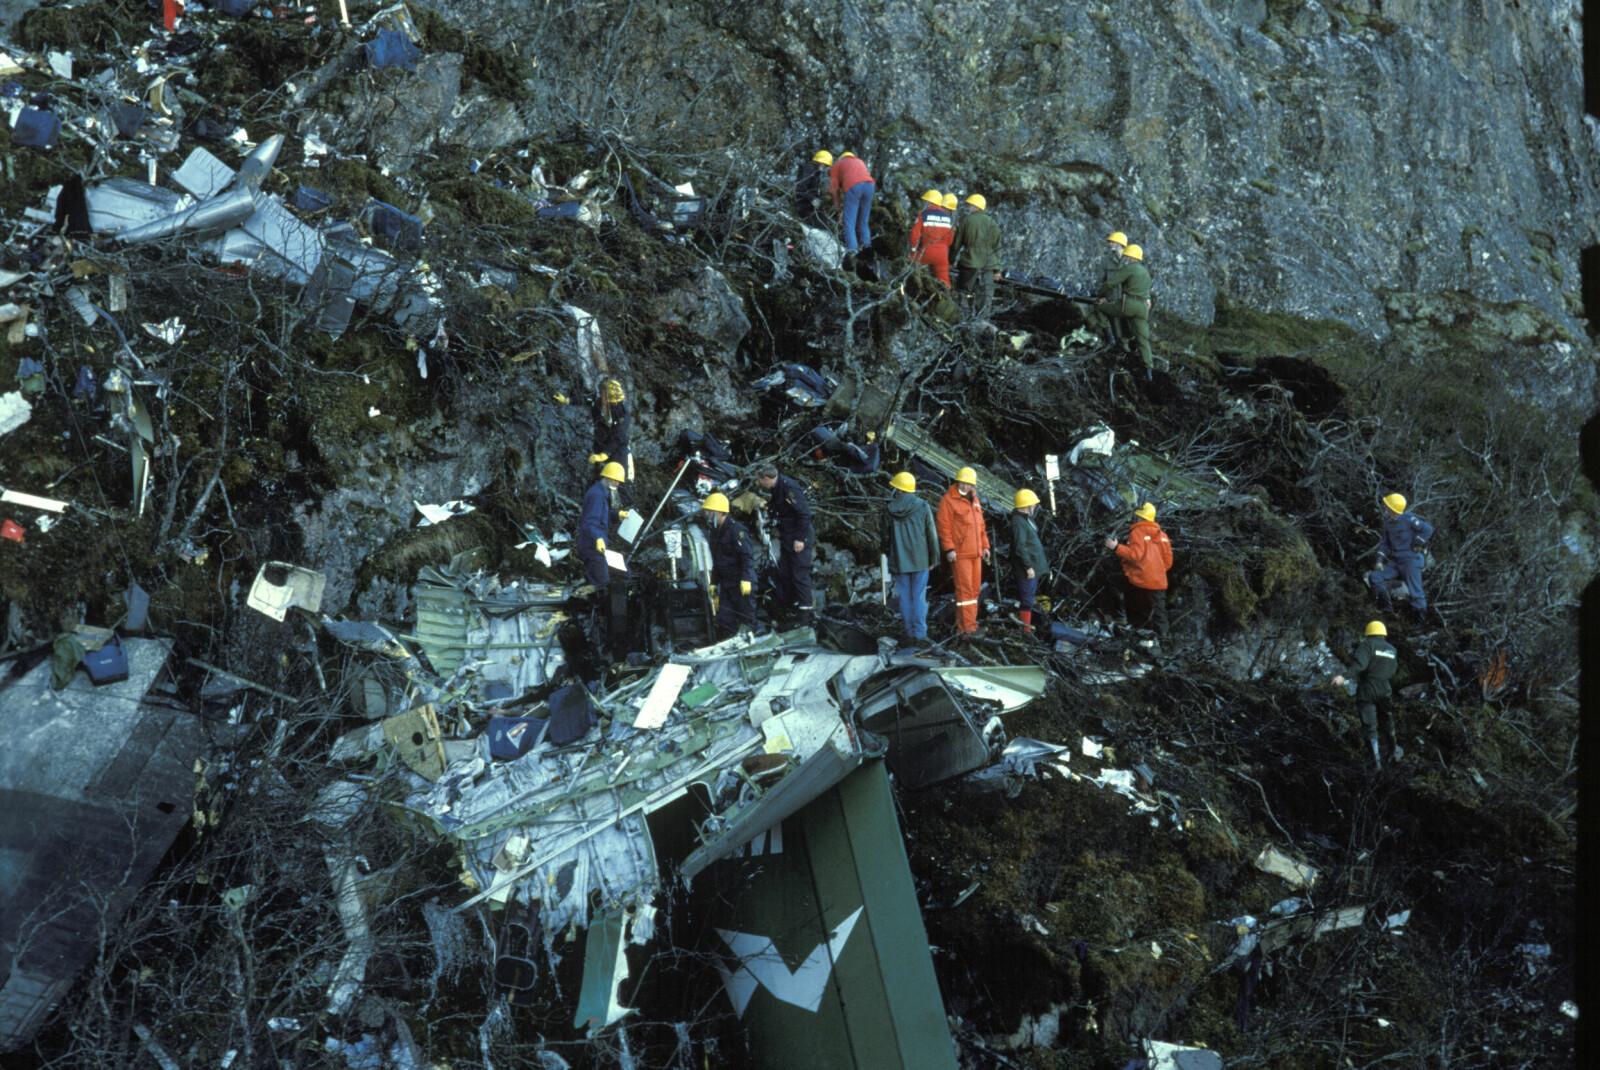 <b>VRAKET:</b> Flyet ble knust mot fjellveggen før delene falt ned et stup til foten av Torghatten. Redningsmannskapene hadde en vanskelig jobb med å søke gjennom vrakrestene.